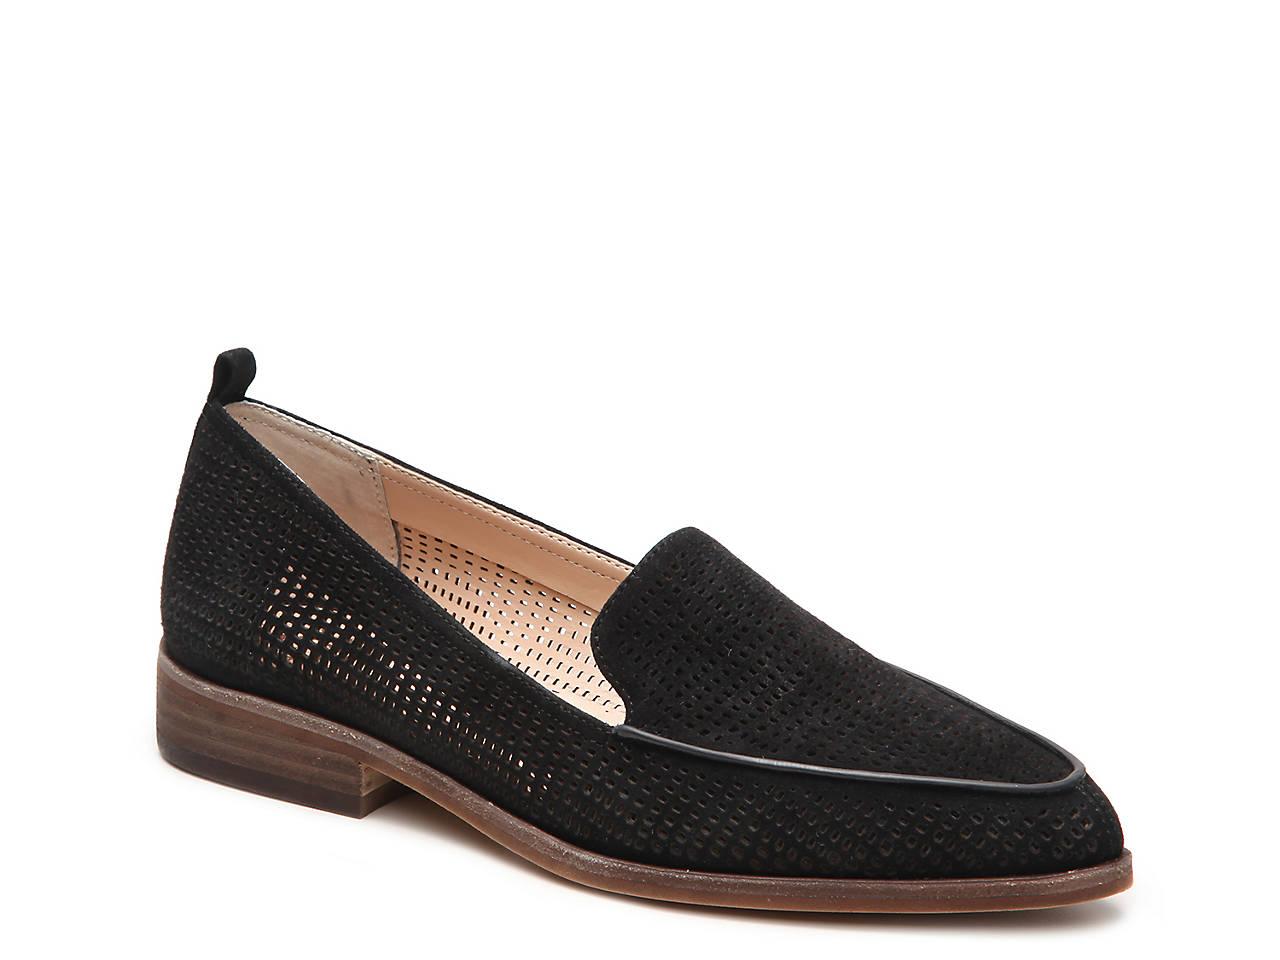 9c1fd6757c7 Vince Camuto Kade Loafer Men s Shoes